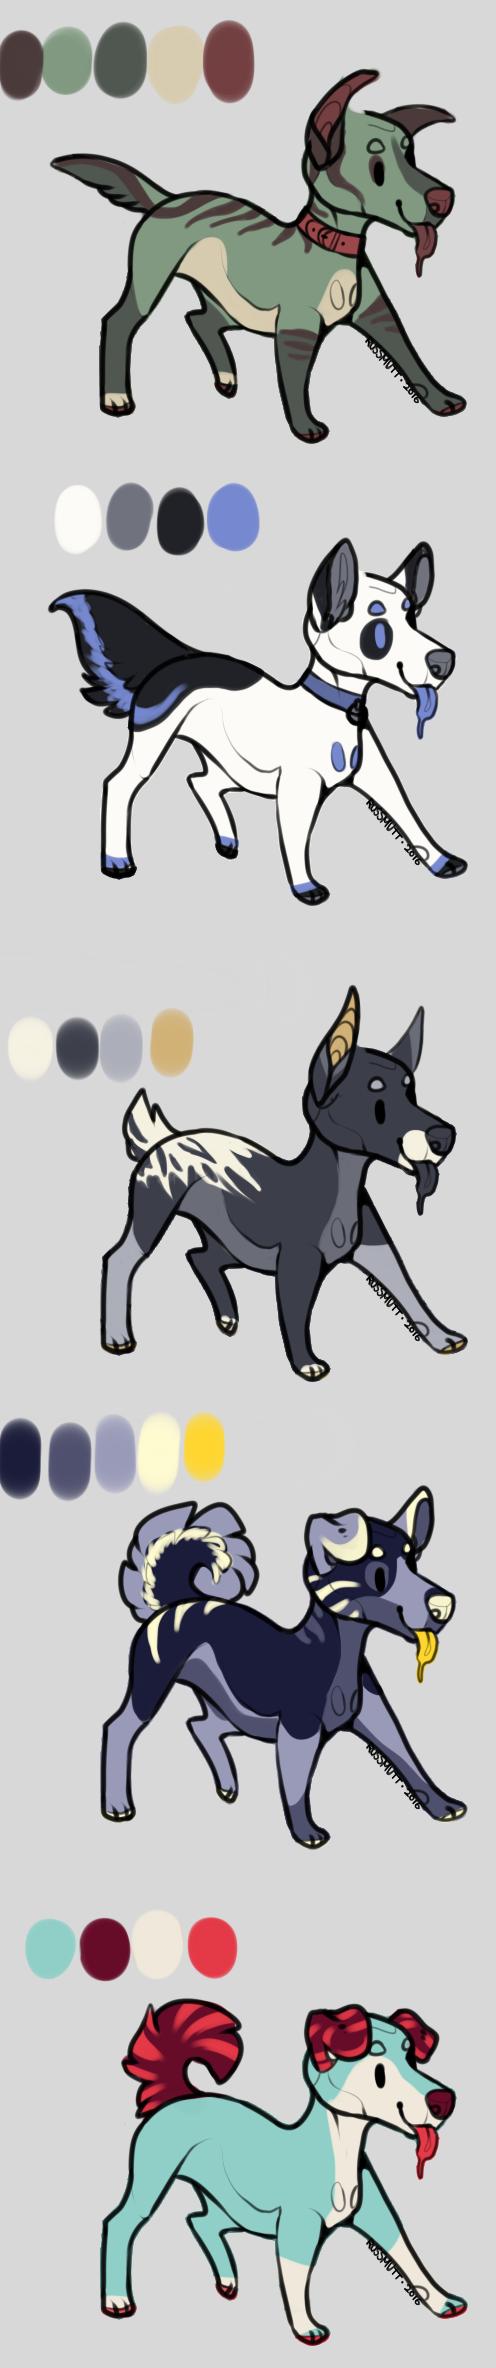 Doggo adopts by N-o-x-y